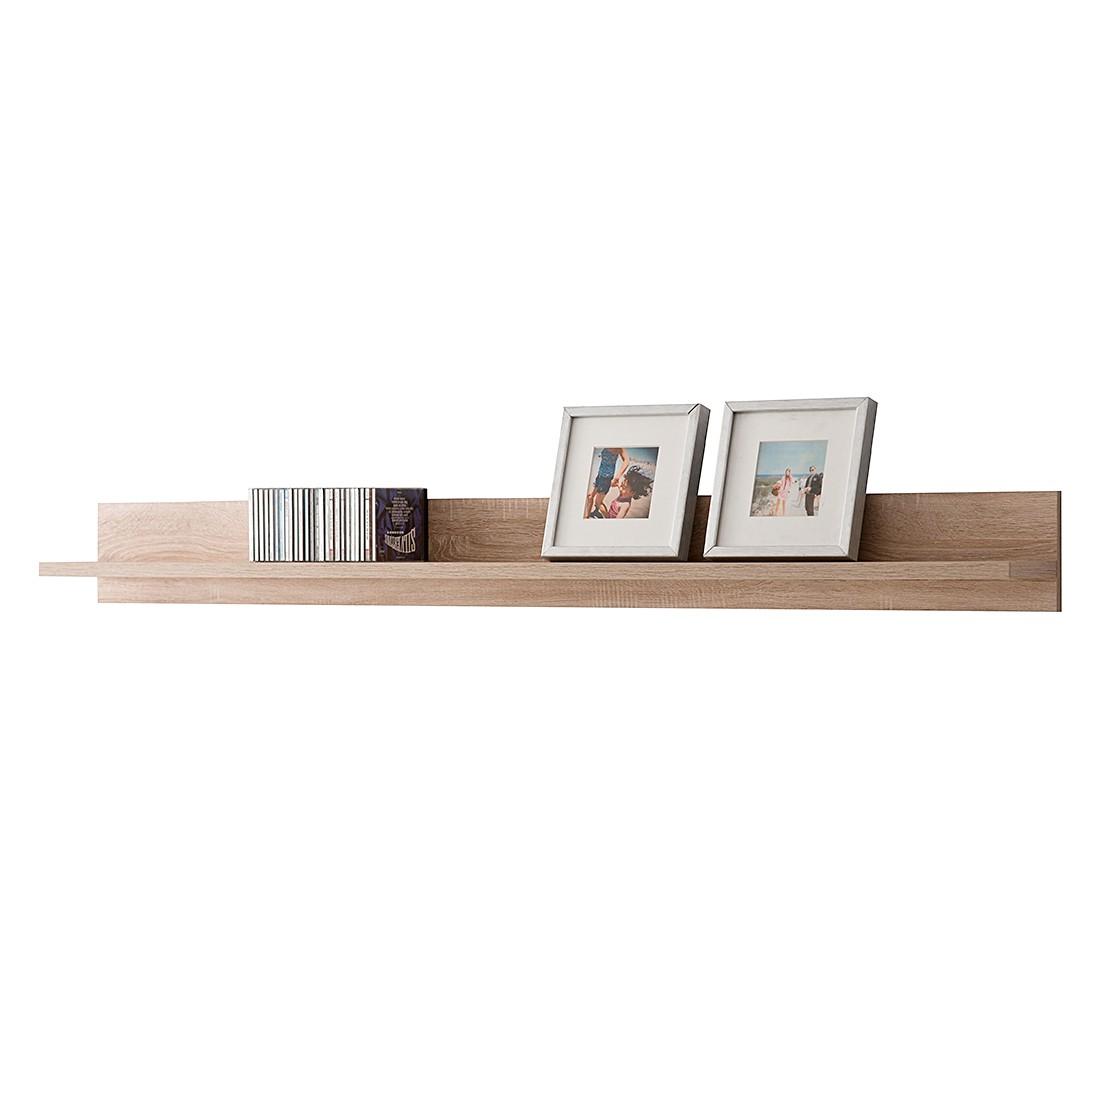 wandboard clarince eiche sonoma dekor breite 190 cm modoform online bestellen. Black Bedroom Furniture Sets. Home Design Ideas